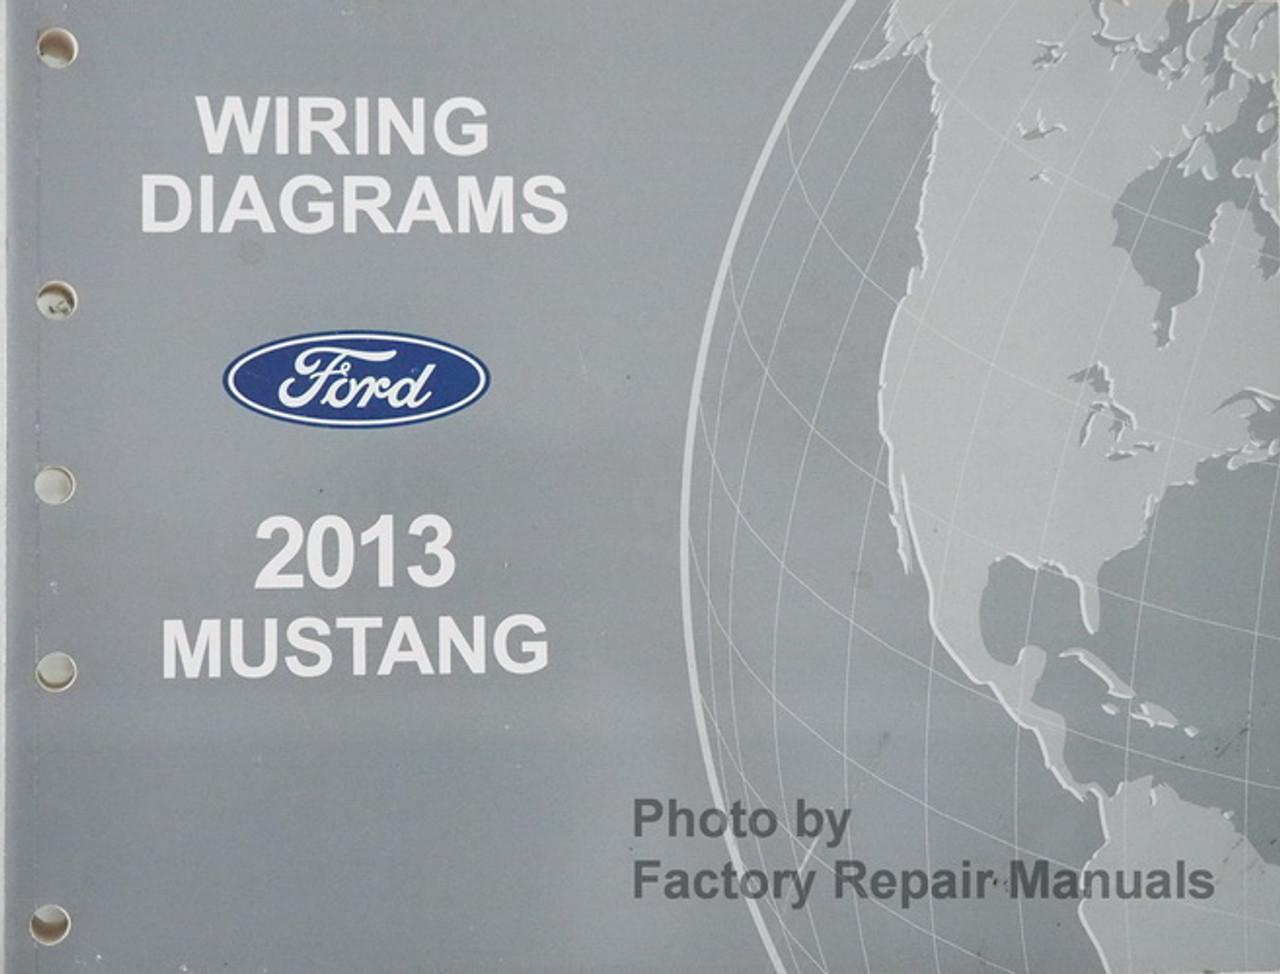 2013 ford mustang electrical wiring diagrams manual original - factory  repair manuals  factory repair manuals